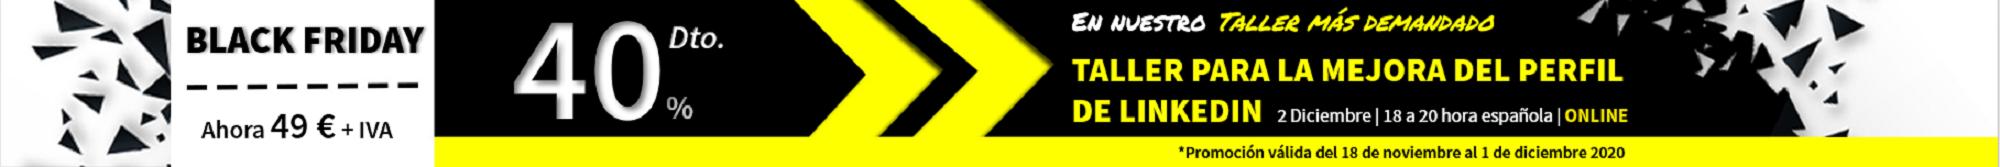 promocion del taller para la mejra del perfil de linkedin